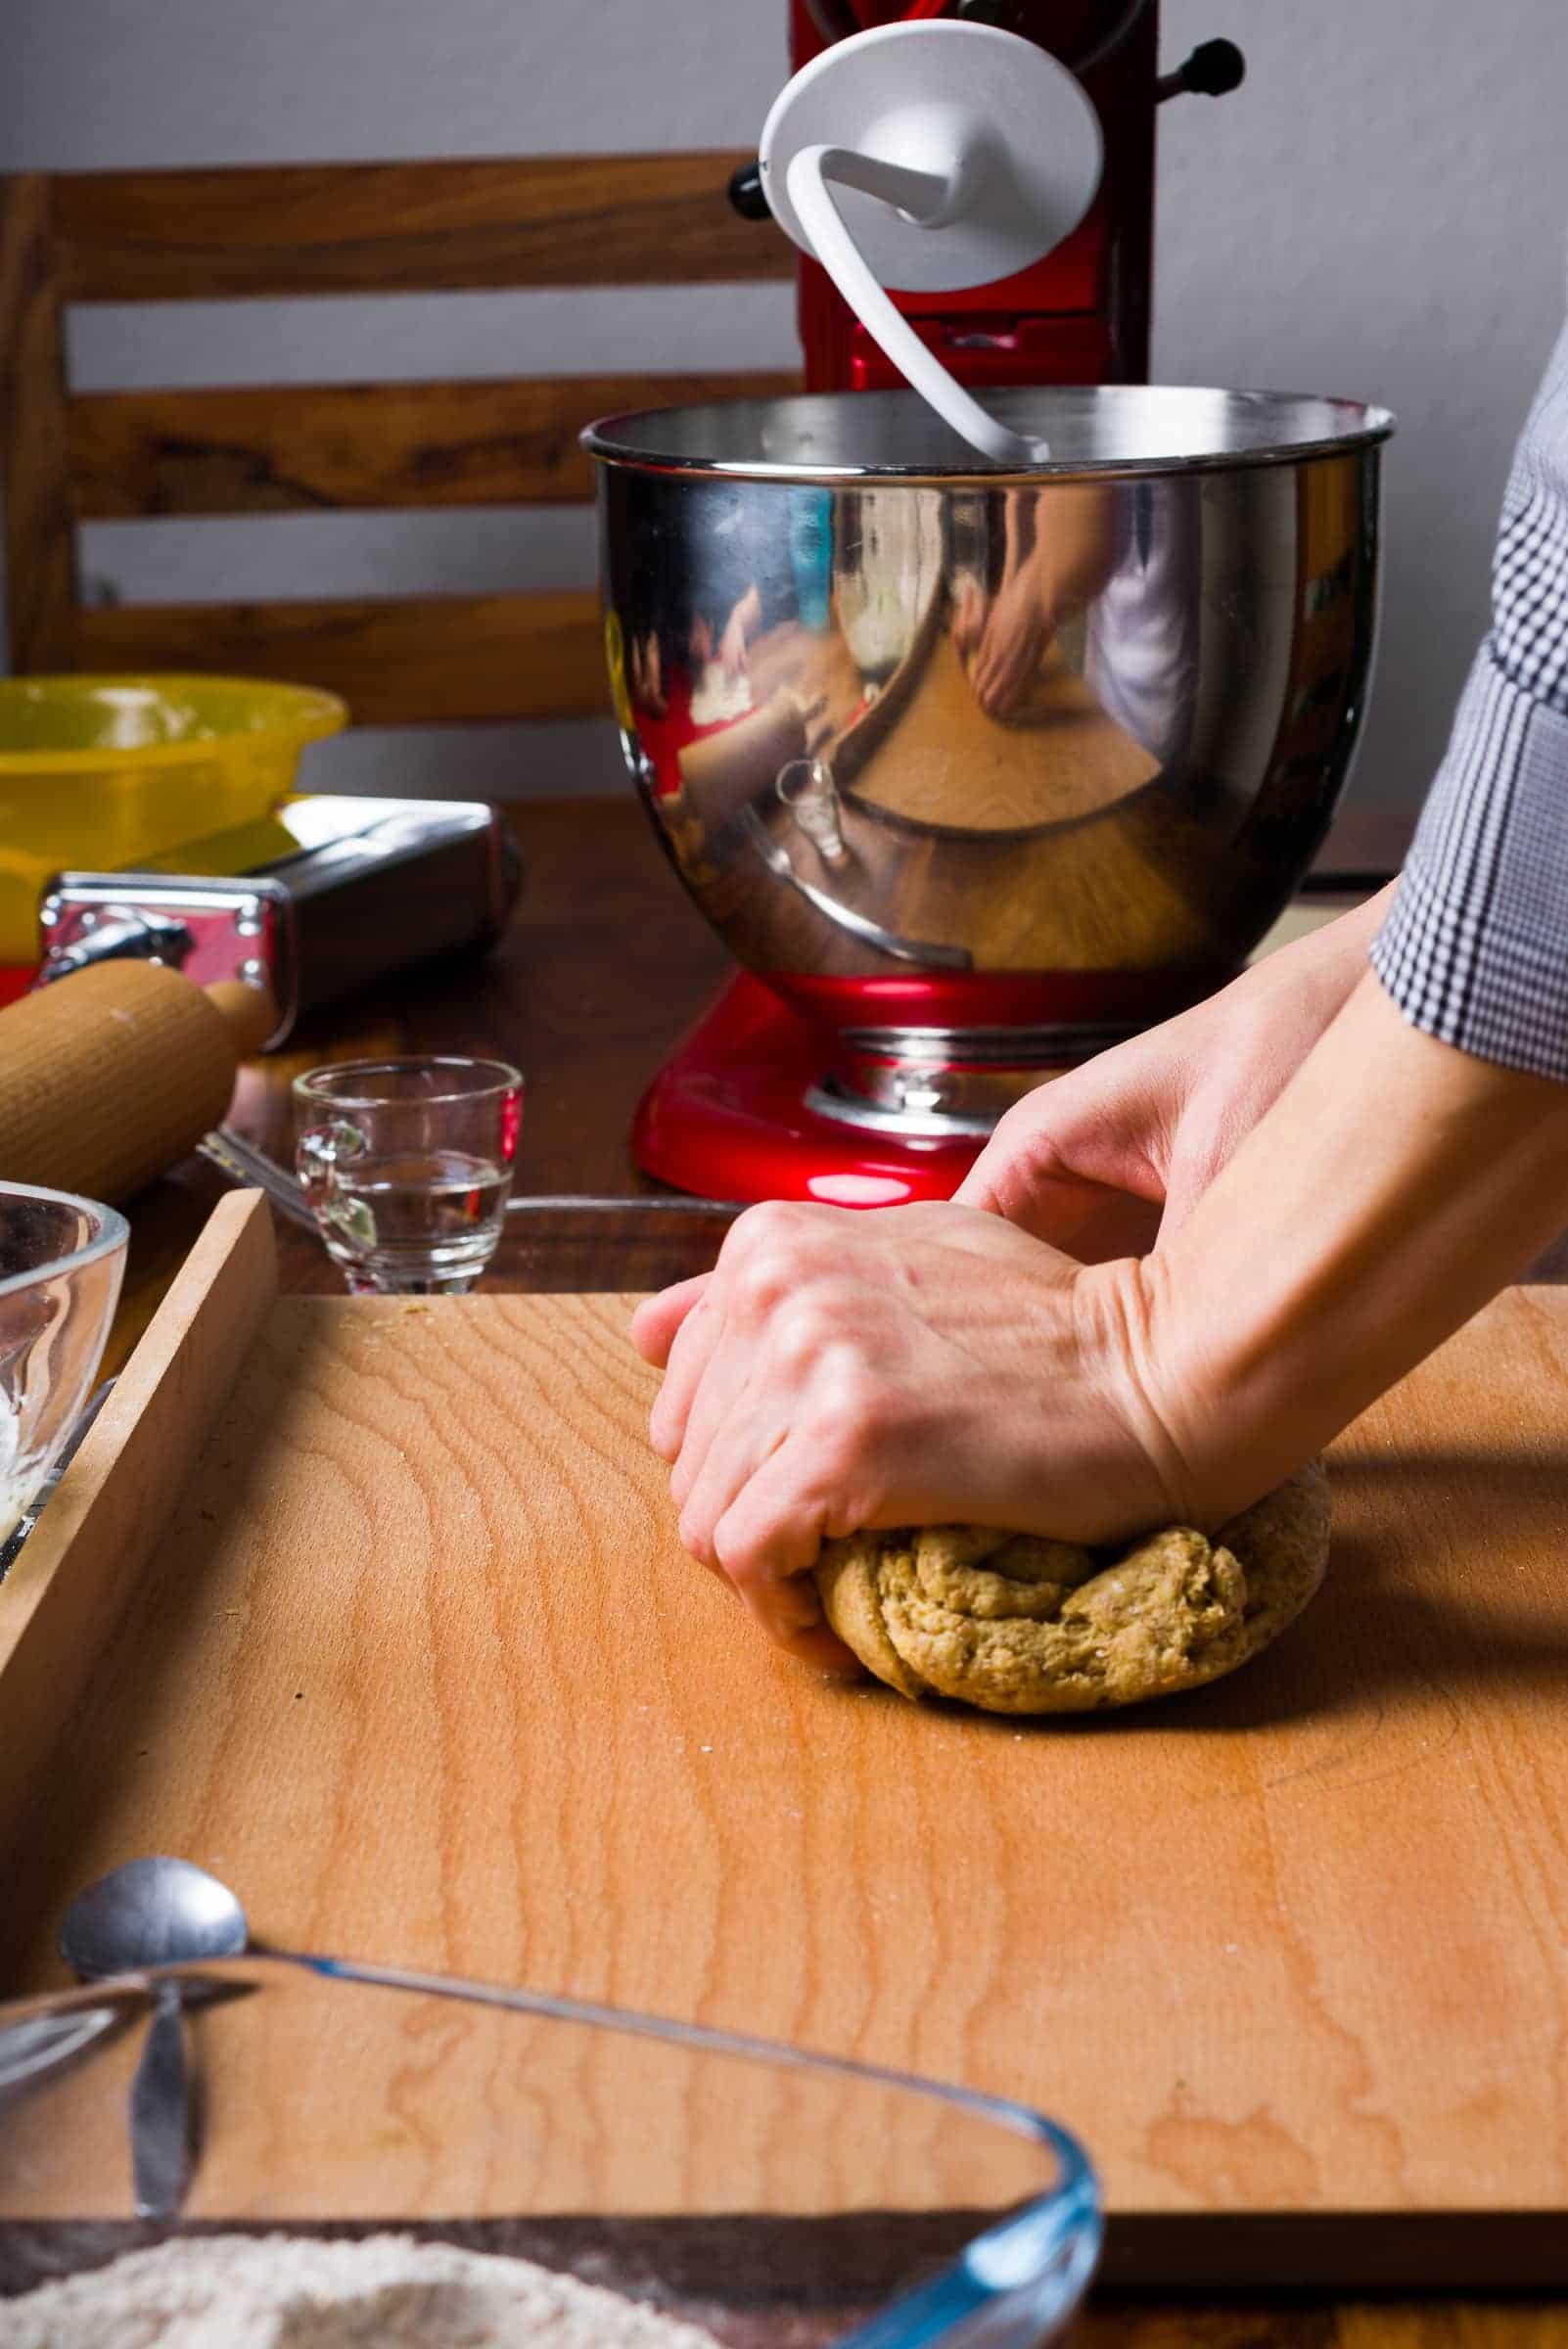 Ravioli con ricotta e spinaci ricetta GnamAm.com preparazione 7